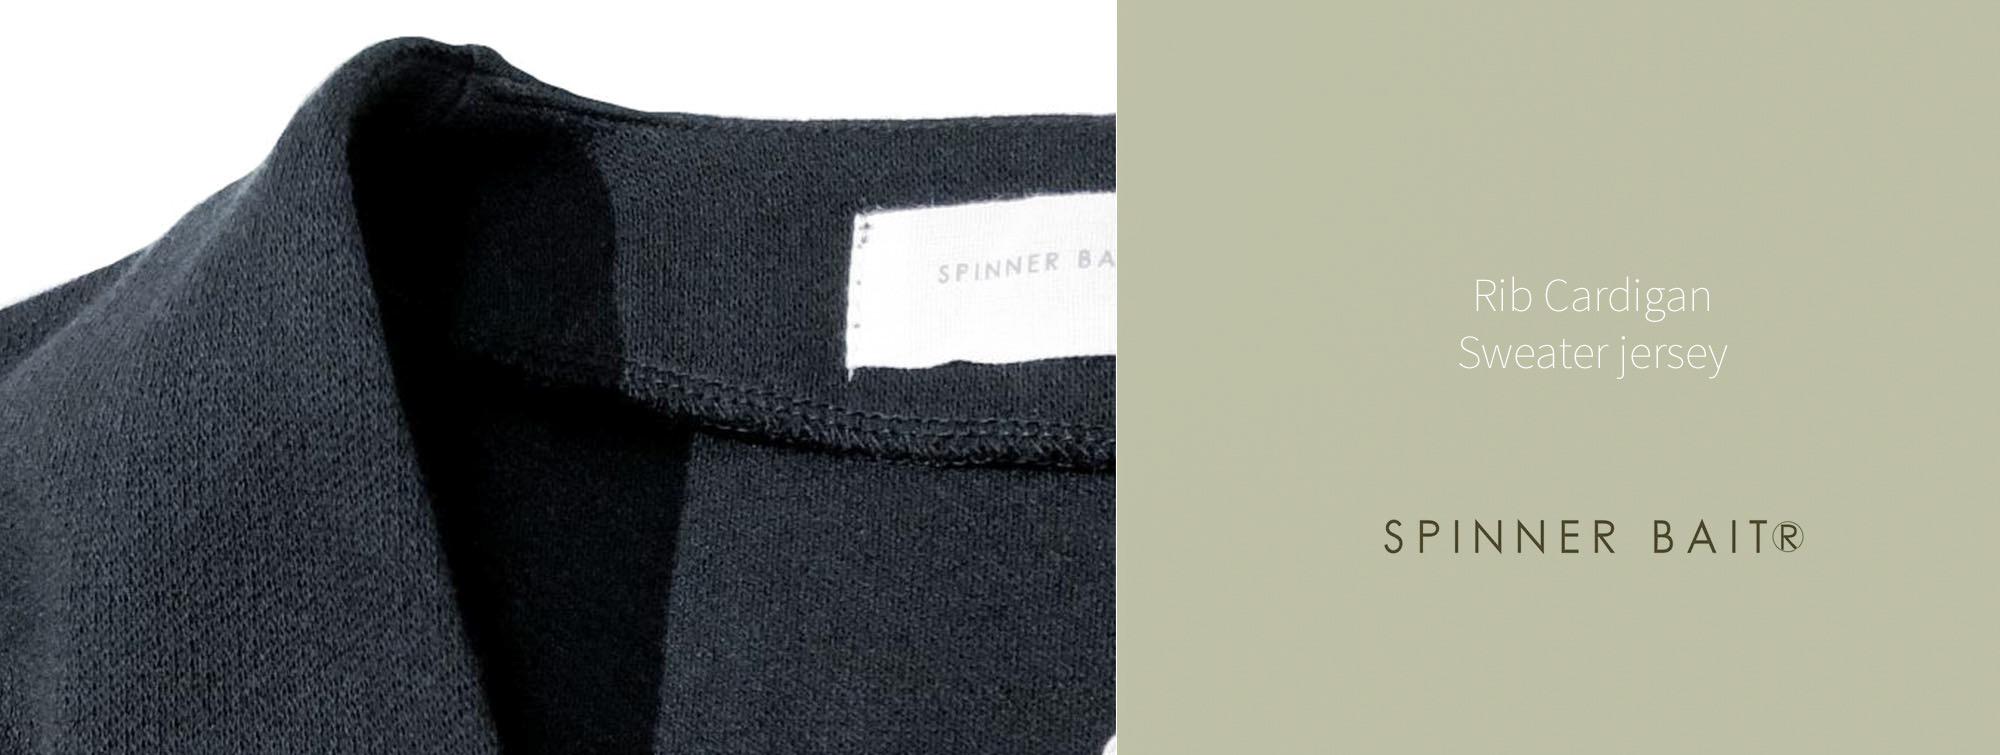 """SPINNER BAIT(スピナーベイト) リブカーディガン  """"セータージャージ"""""""